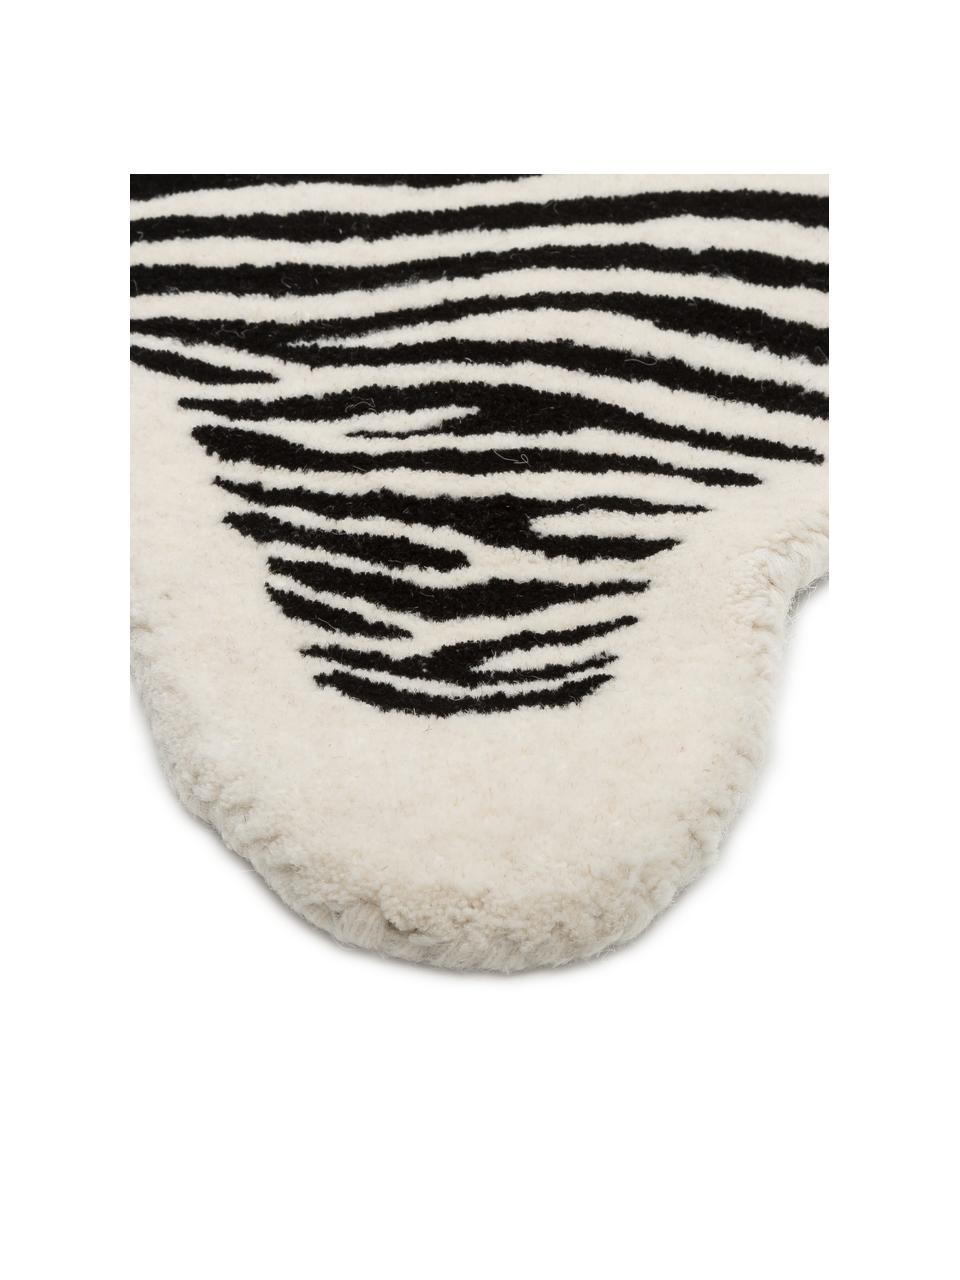 Handgetufteter Wollteppich Savanna Zebra, Flor: 100% Wolle, Schwarz, Creme, B 95 x L 120 cm (Größe XS)